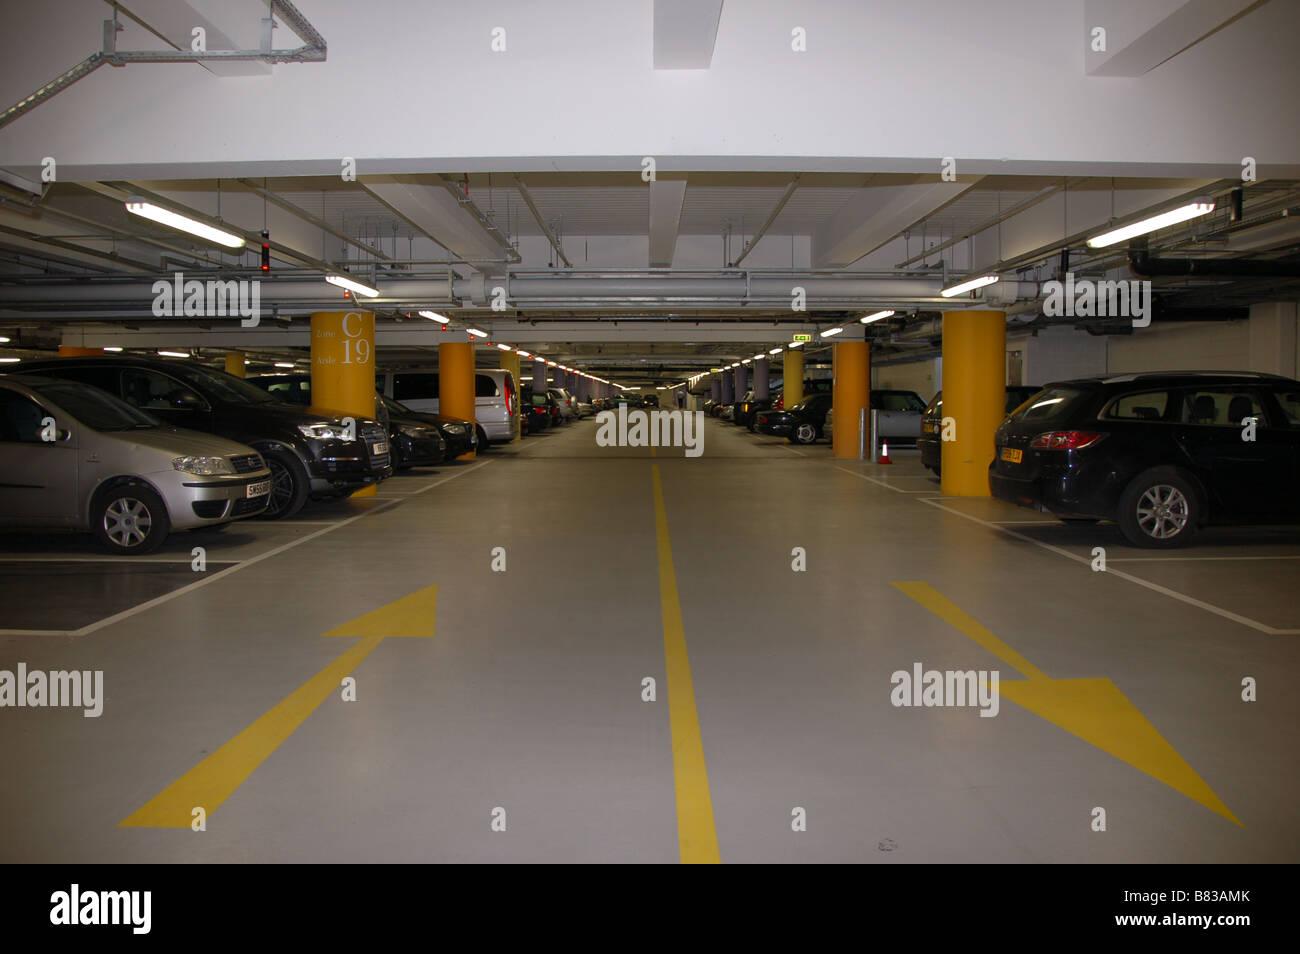 westfield white city car park best cars modified dur a flex. Black Bedroom Furniture Sets. Home Design Ideas